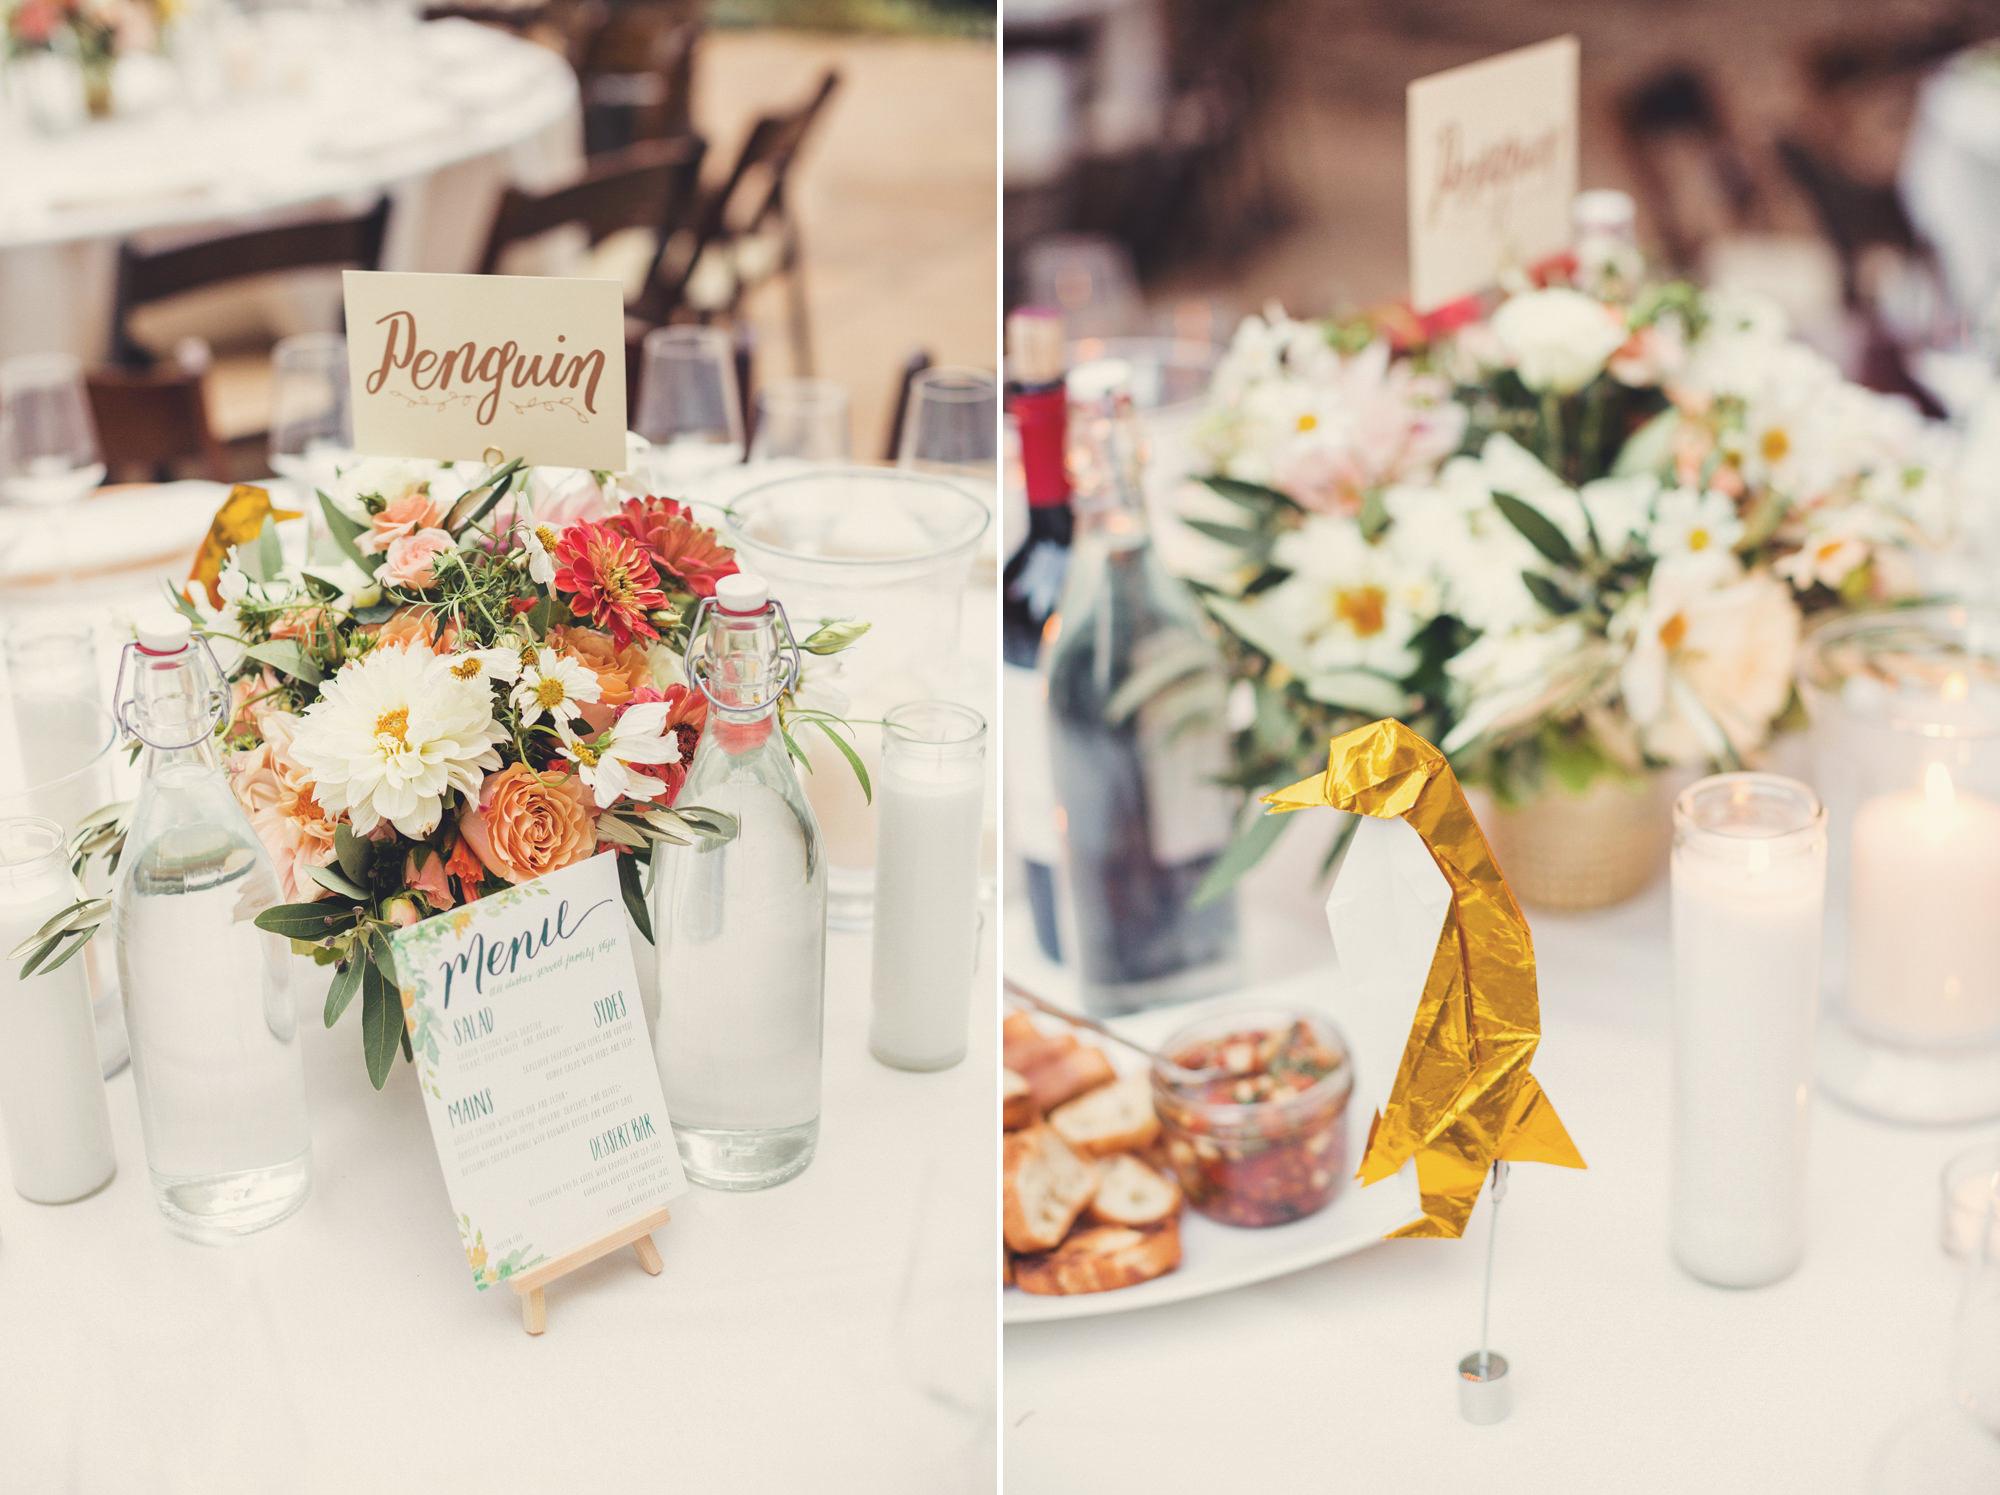 Sequoia Retreat Center Wedding@Anne-Claire Brun 177